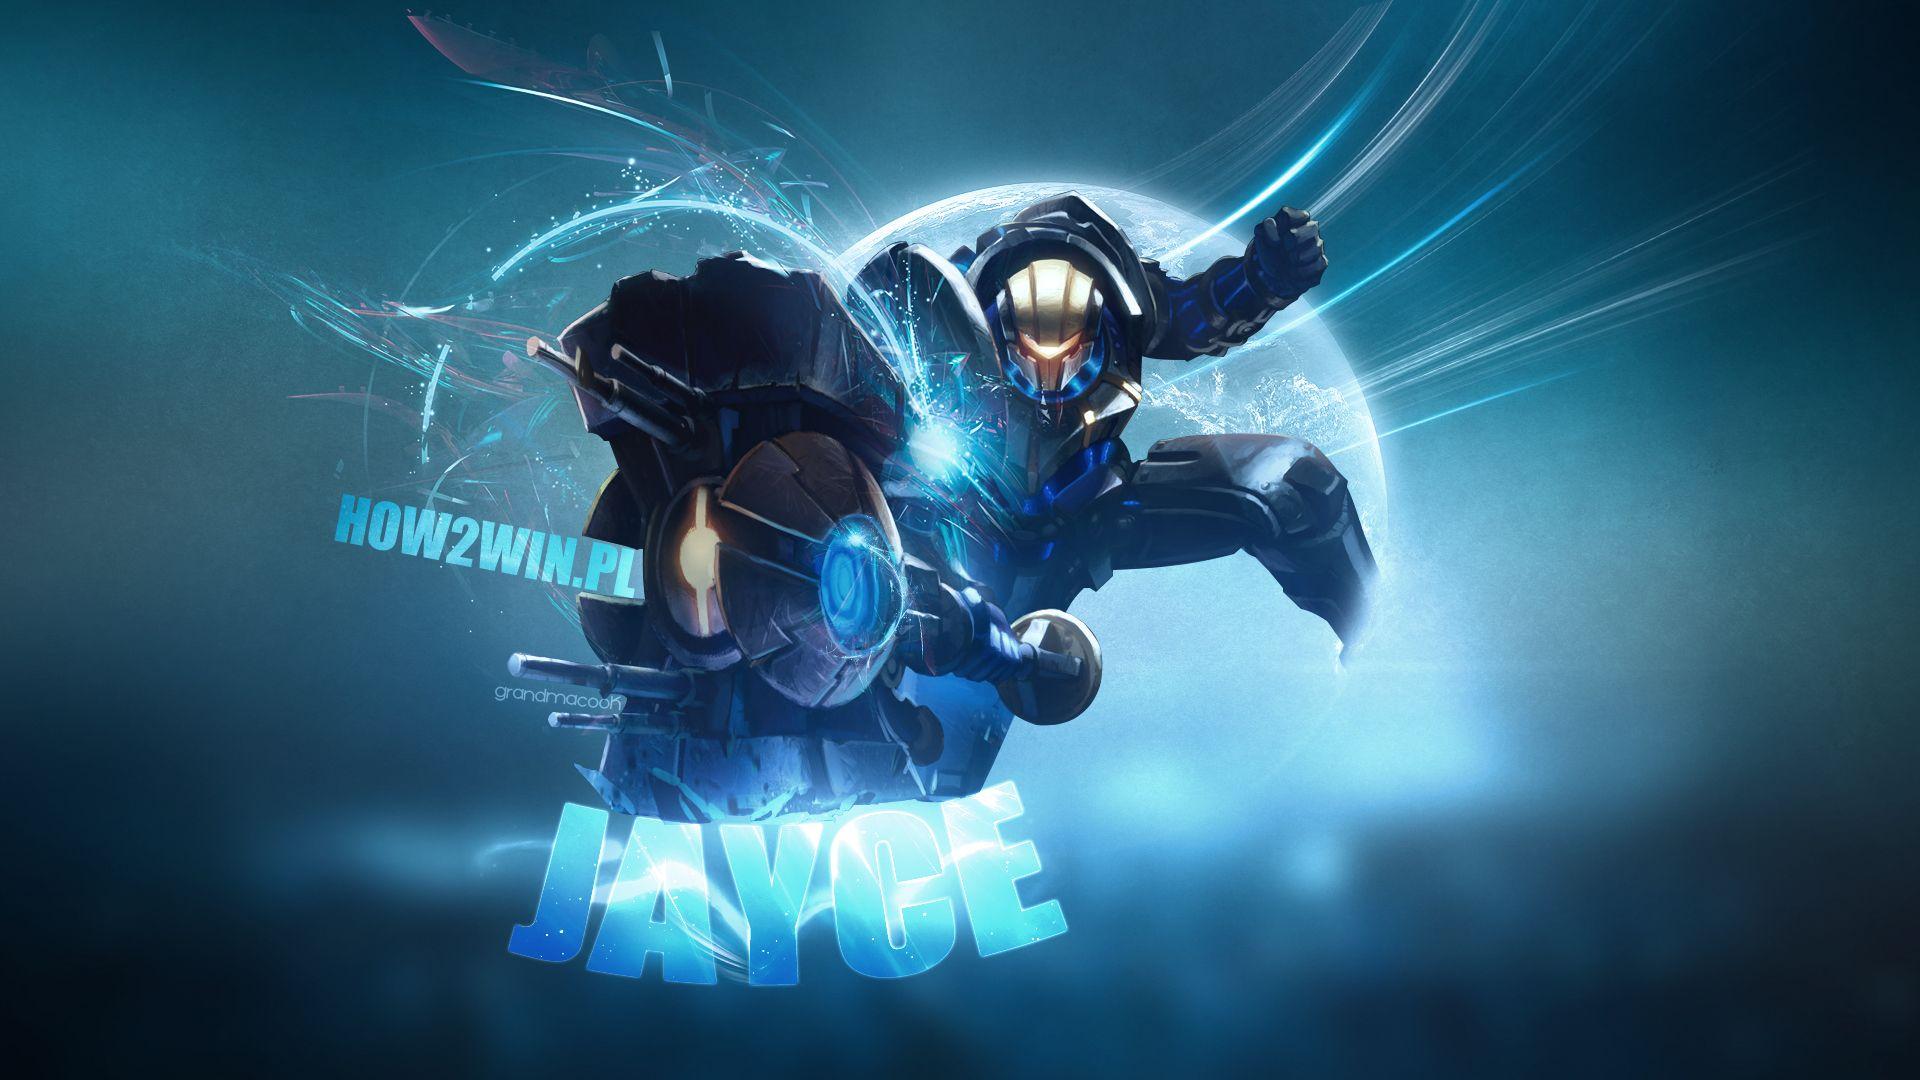 Jayce Full Hd Wallpaper By How2Winpl